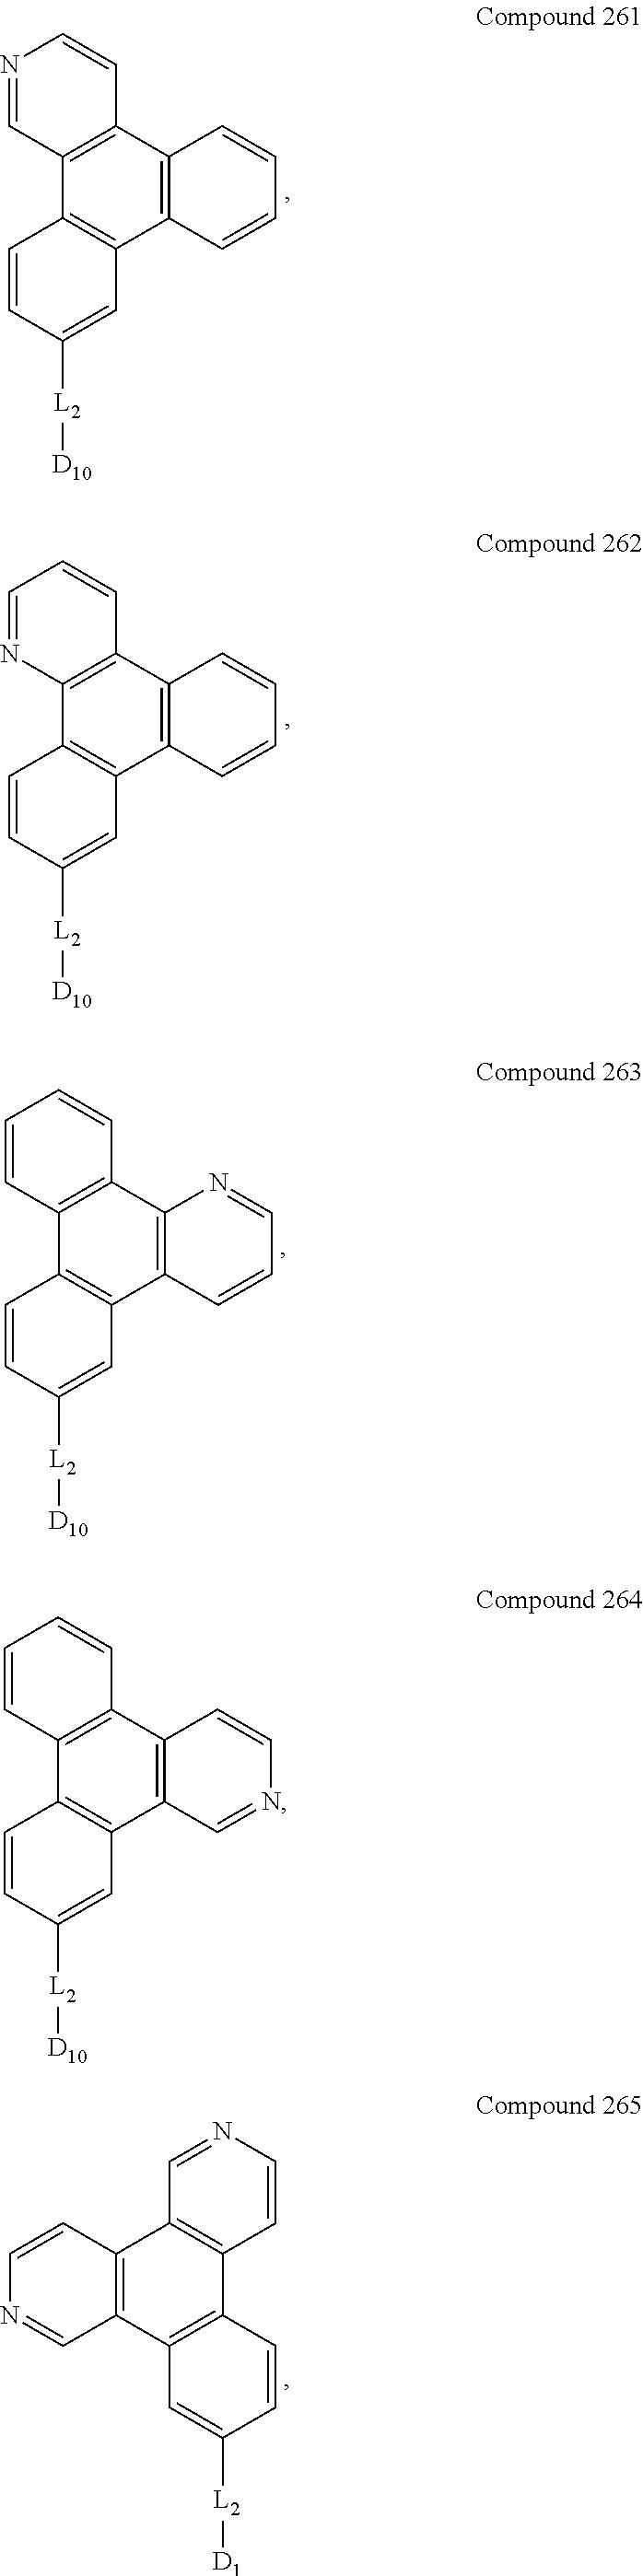 Figure US09537106-20170103-C00208